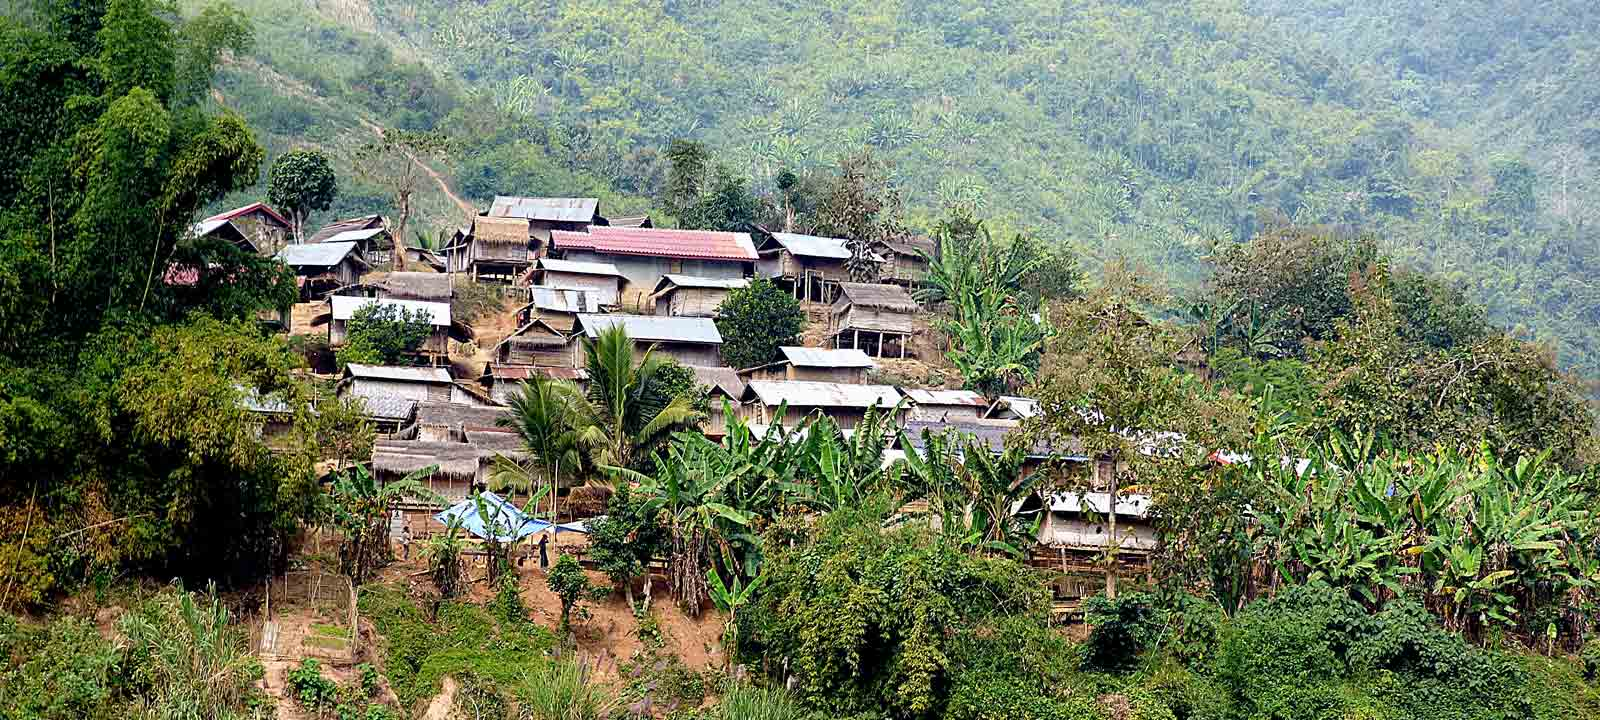 Le trésor de phongsali dans le nord du laos